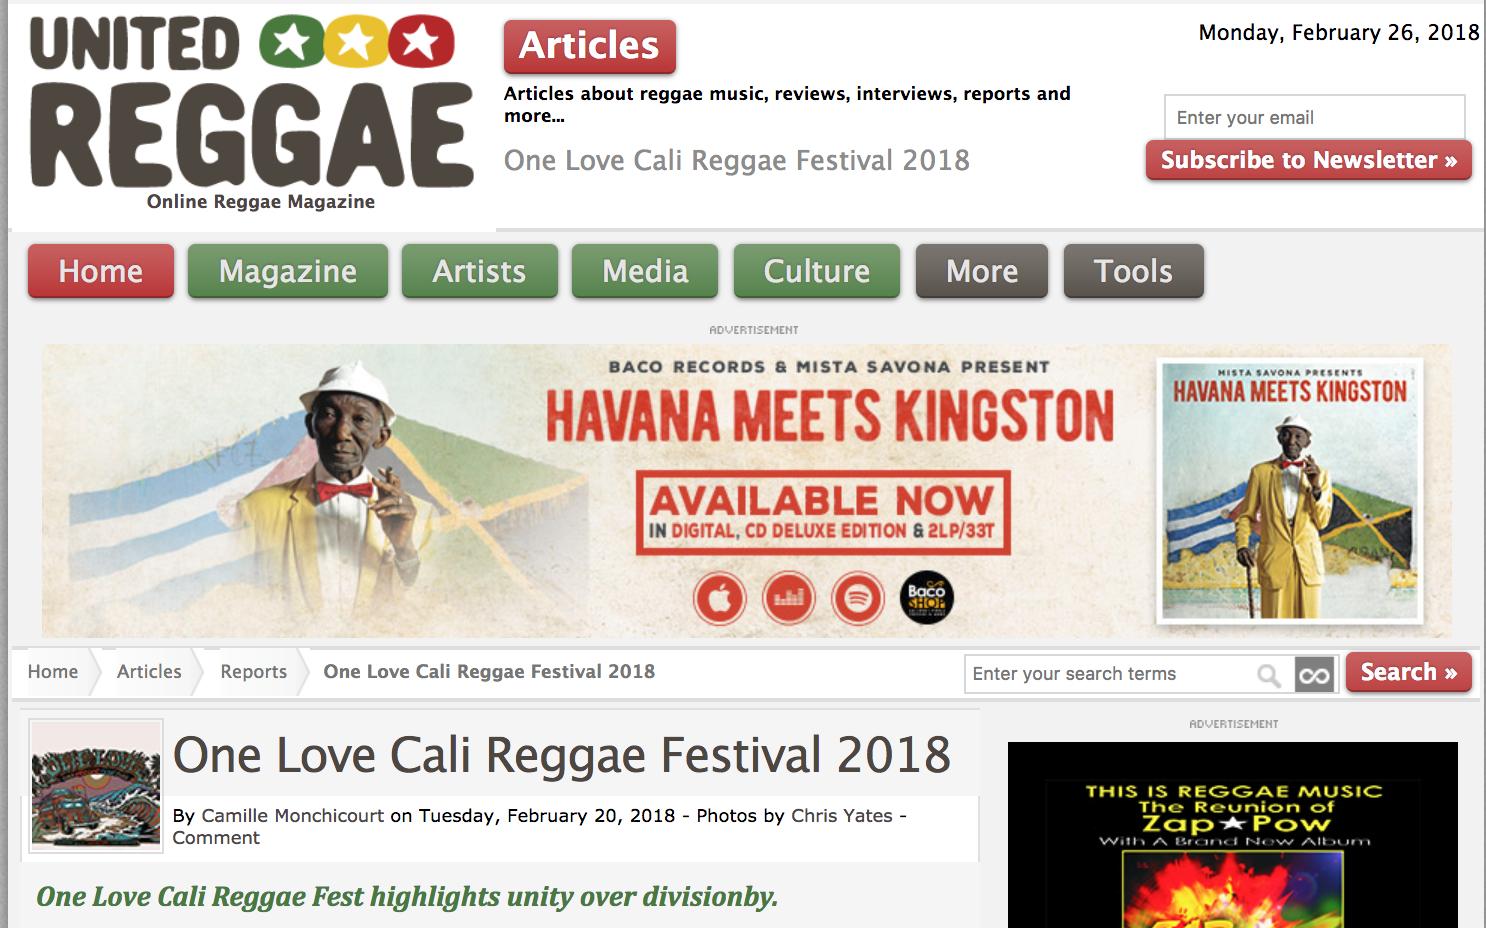 One Love Cali Reggae Fest | 2018